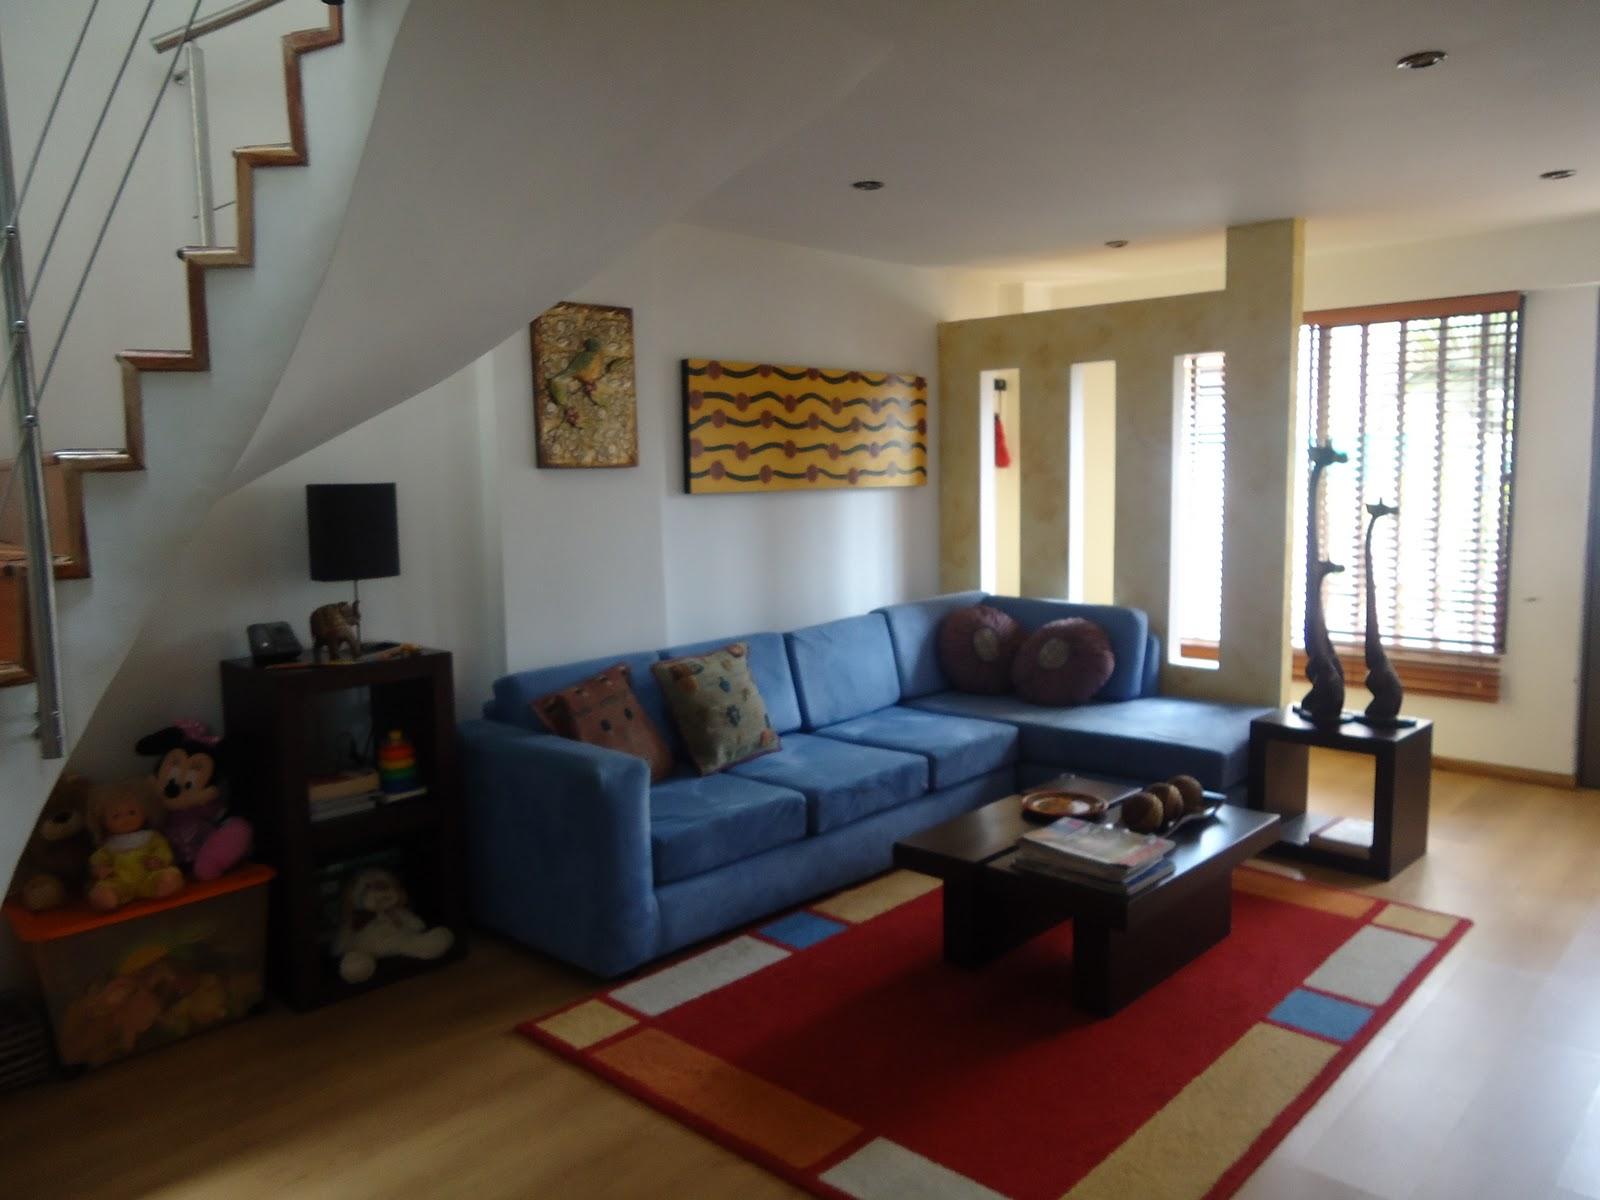 Casas En Pereira Primer Piso Casa Tres Niveles Y Terraza -> Fotos De Piso Para Casa